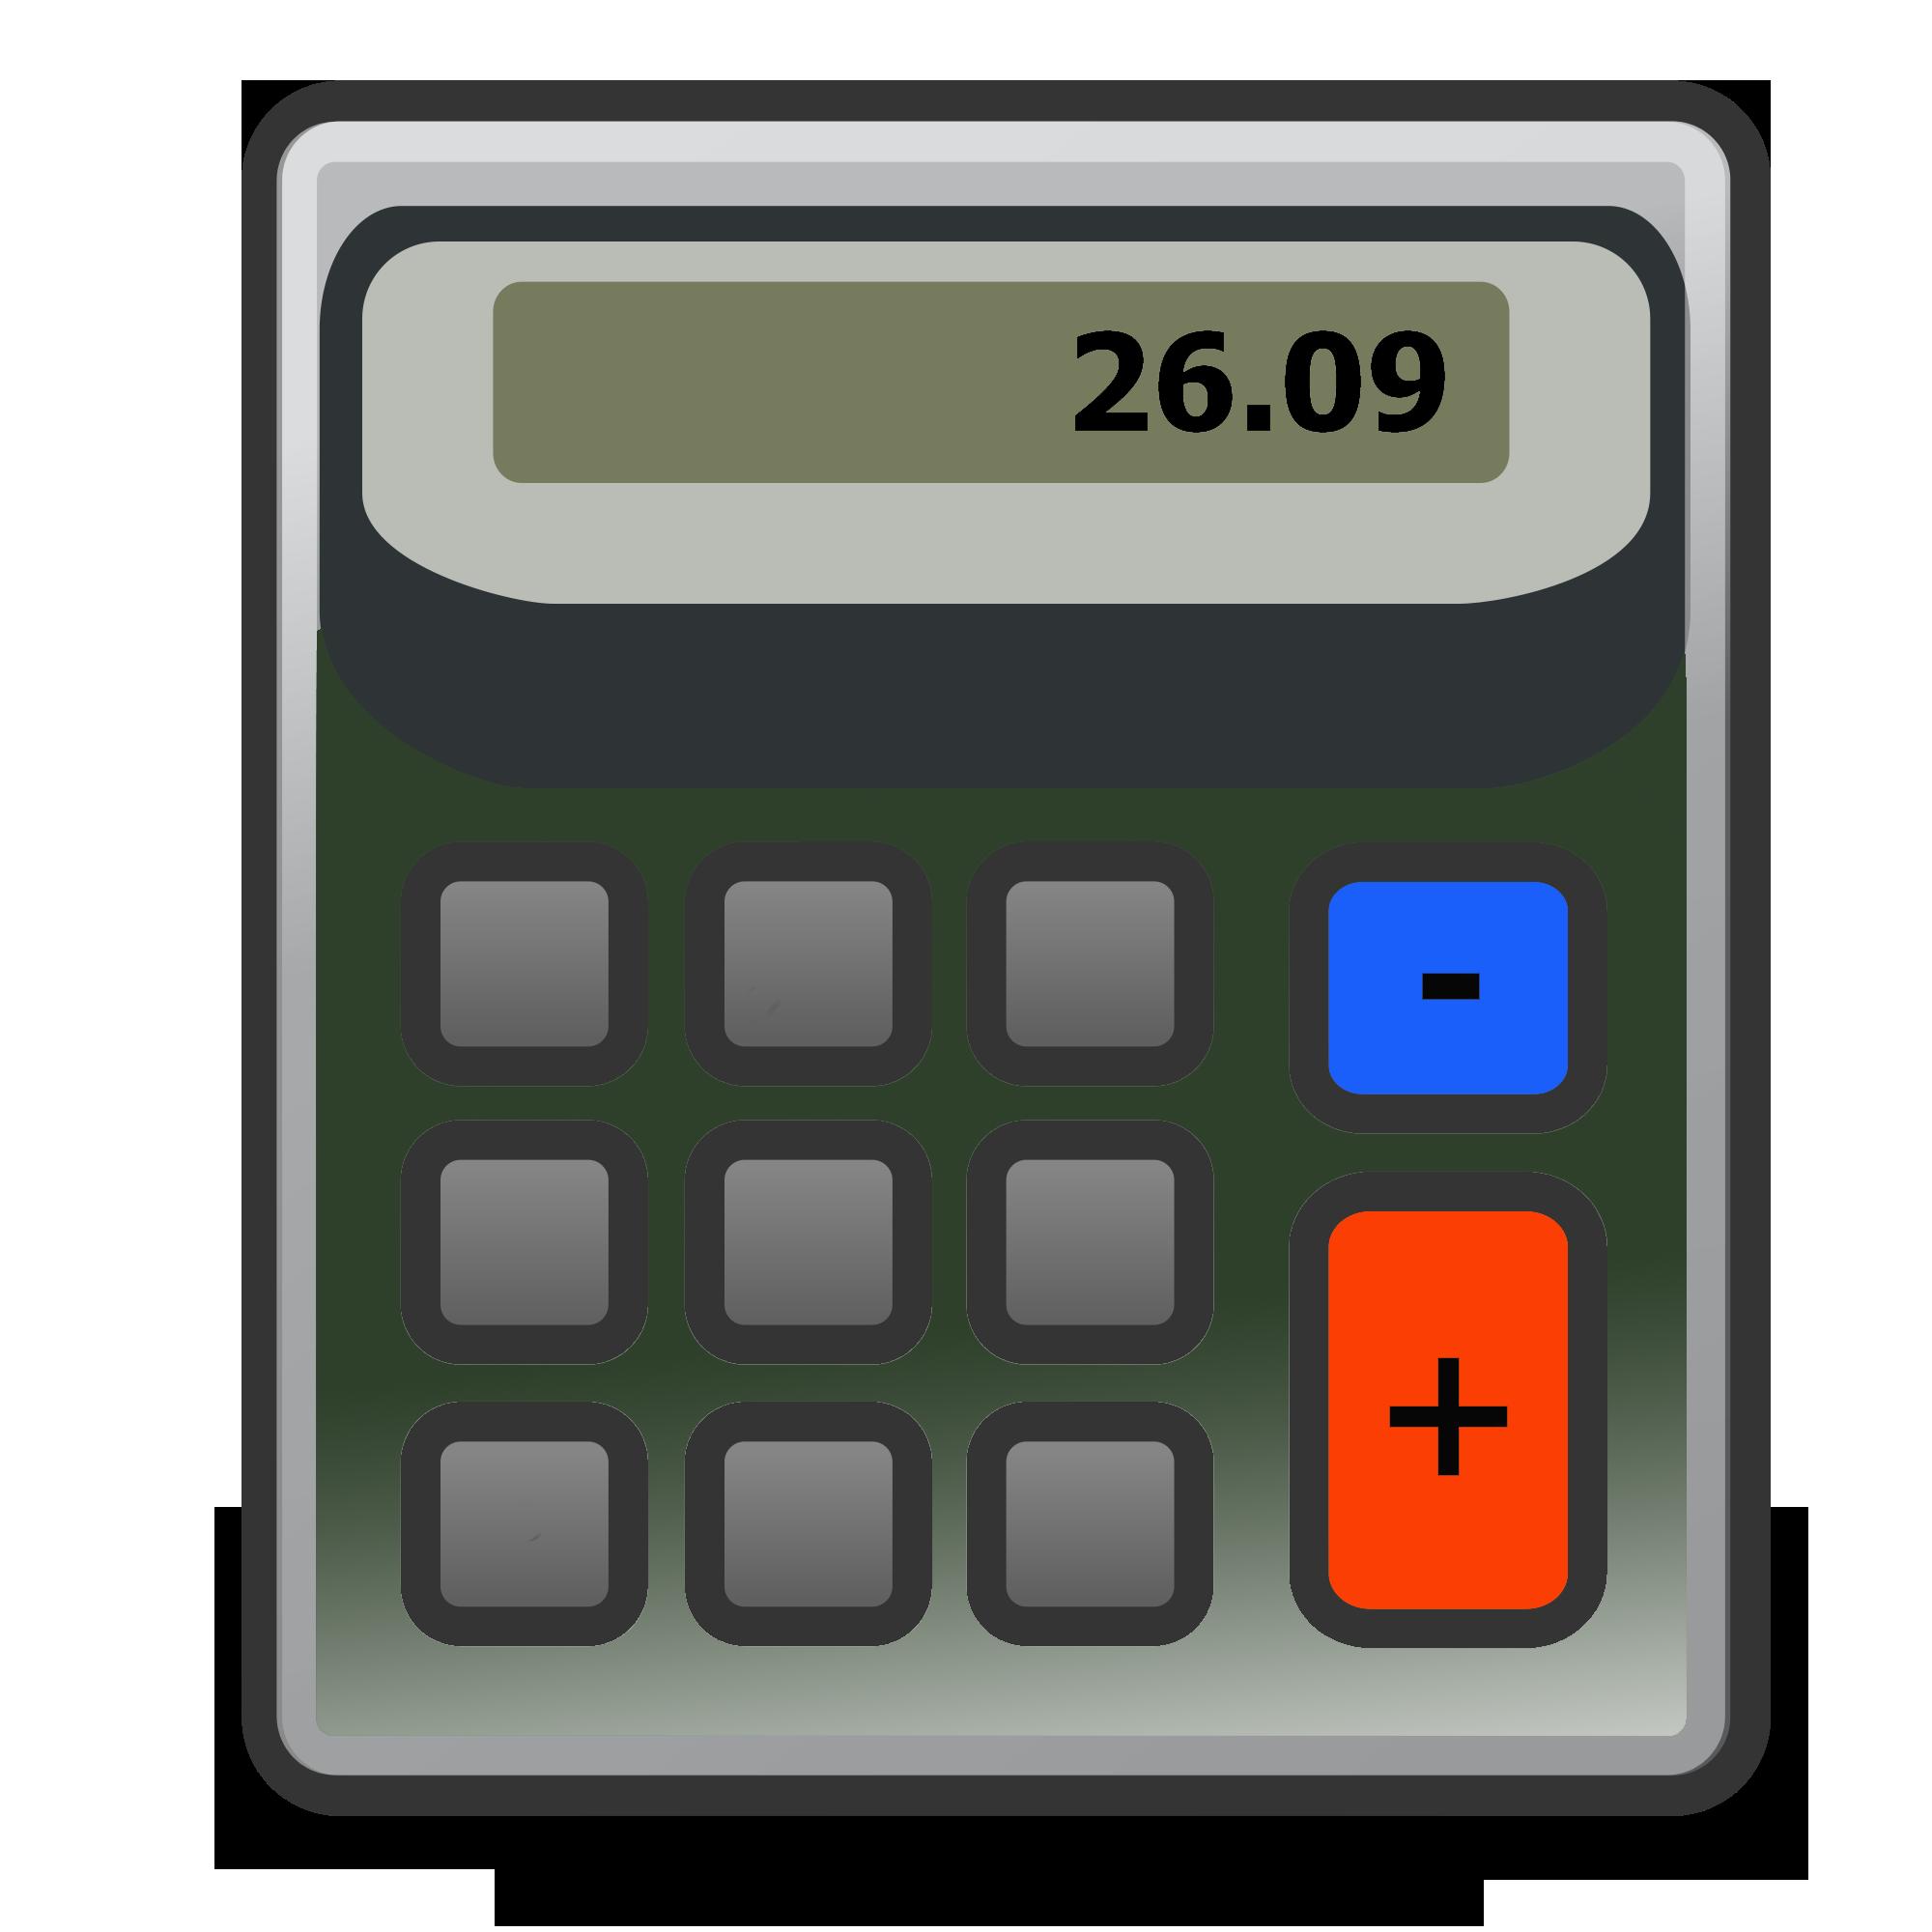 Калькулятор Вывоз мусора